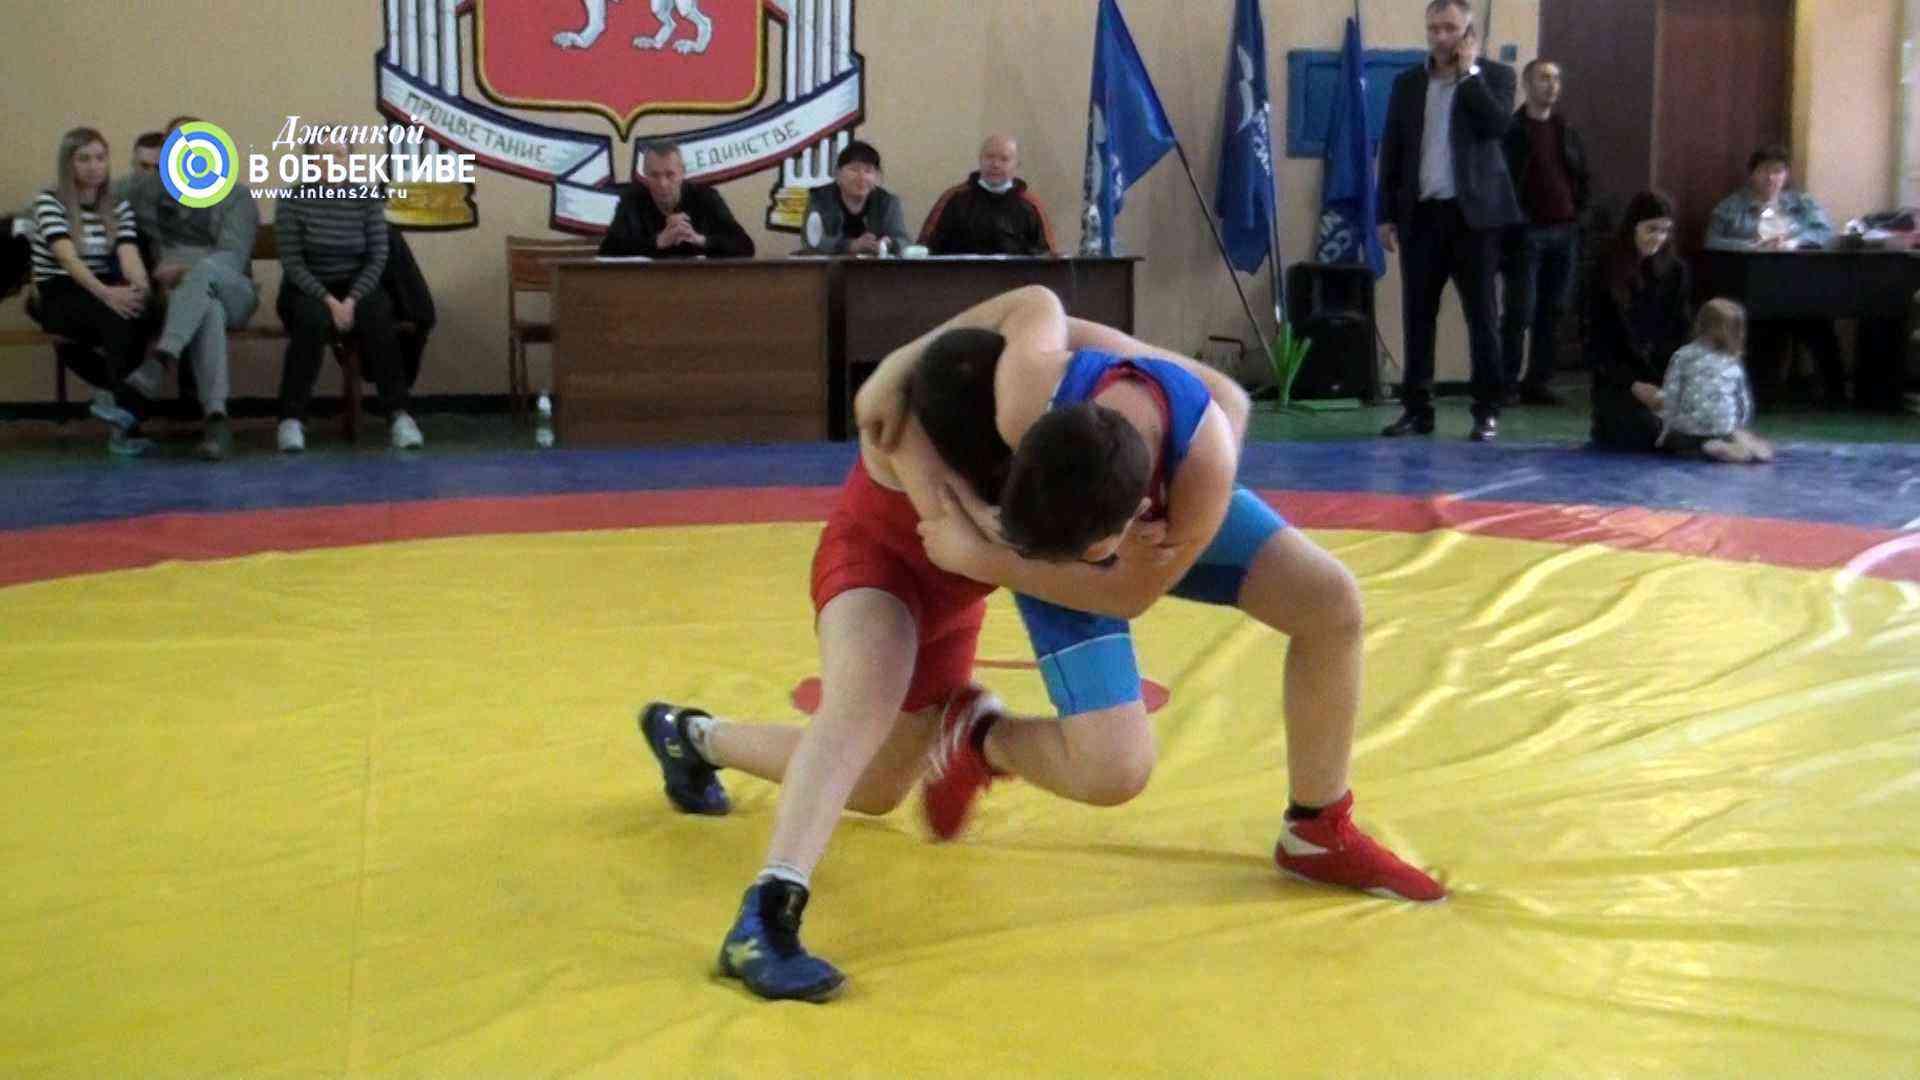 турнир по греко-римской борьбе. Джанкой 2021